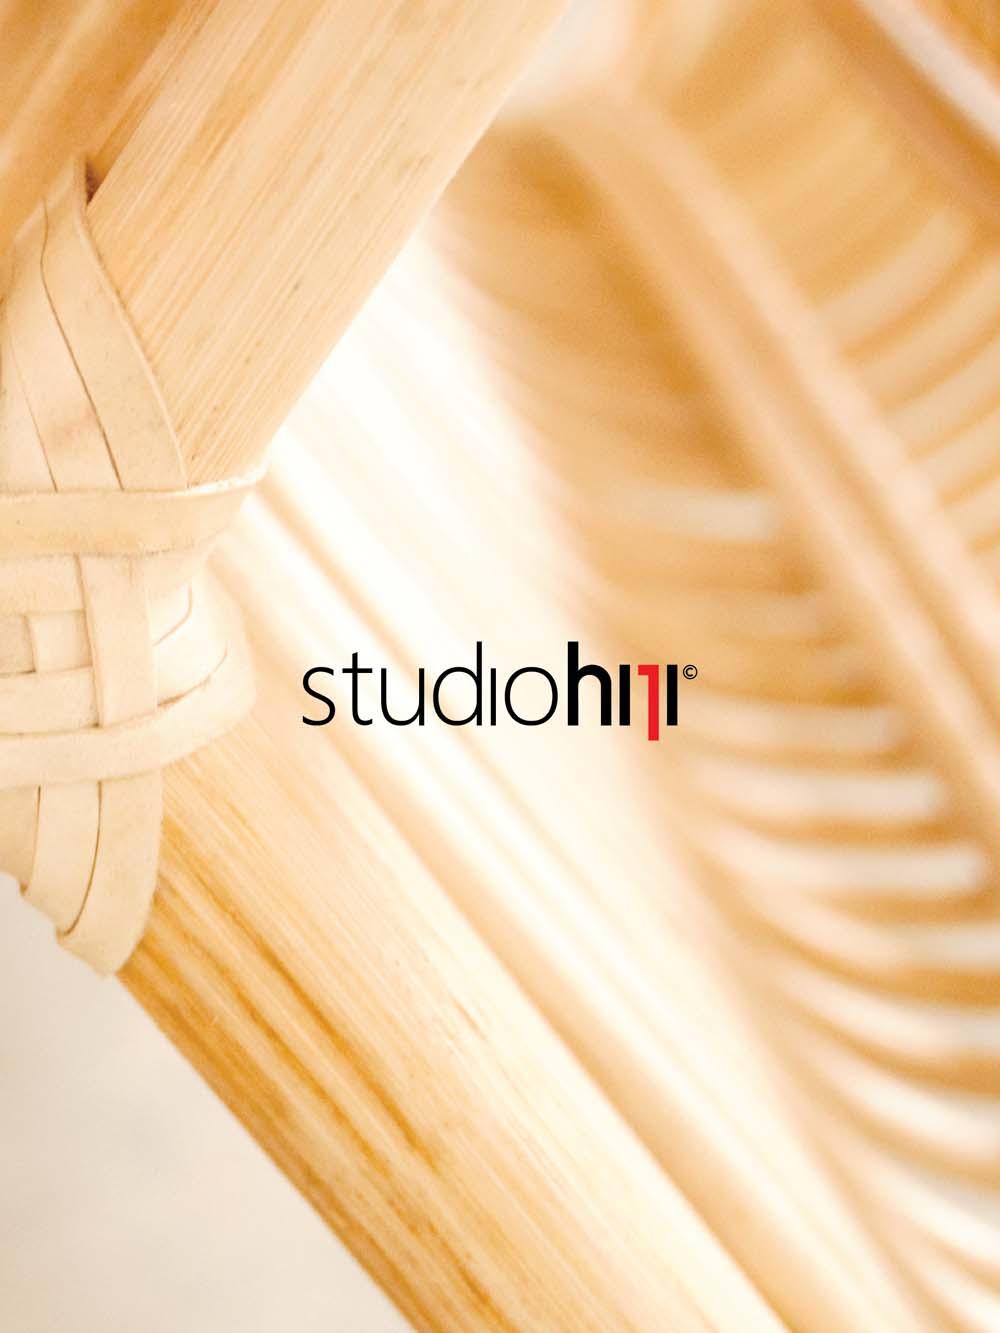 Studiohiji